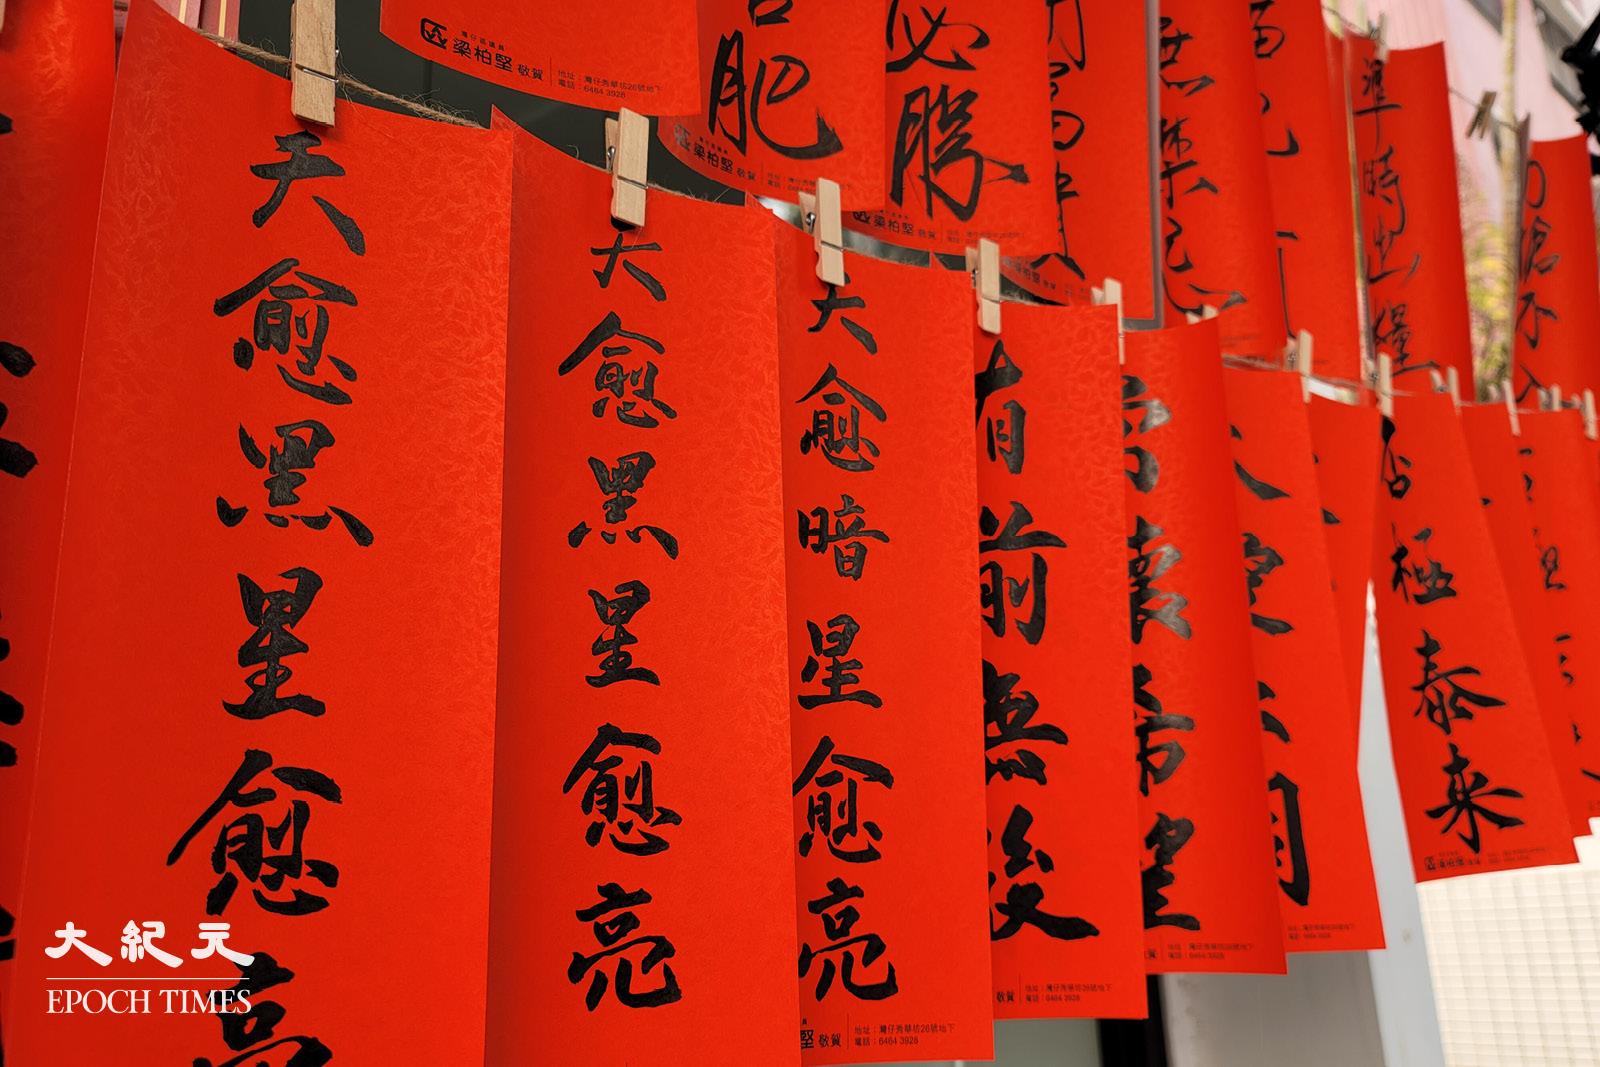 寫好的揮春掛起來等待領取,包括「天愈黑星愈亮」、「常懷希望」、「否極泰來」等字句,鼓勵香港人樂觀面對逆境。(宵龍/大紀元)